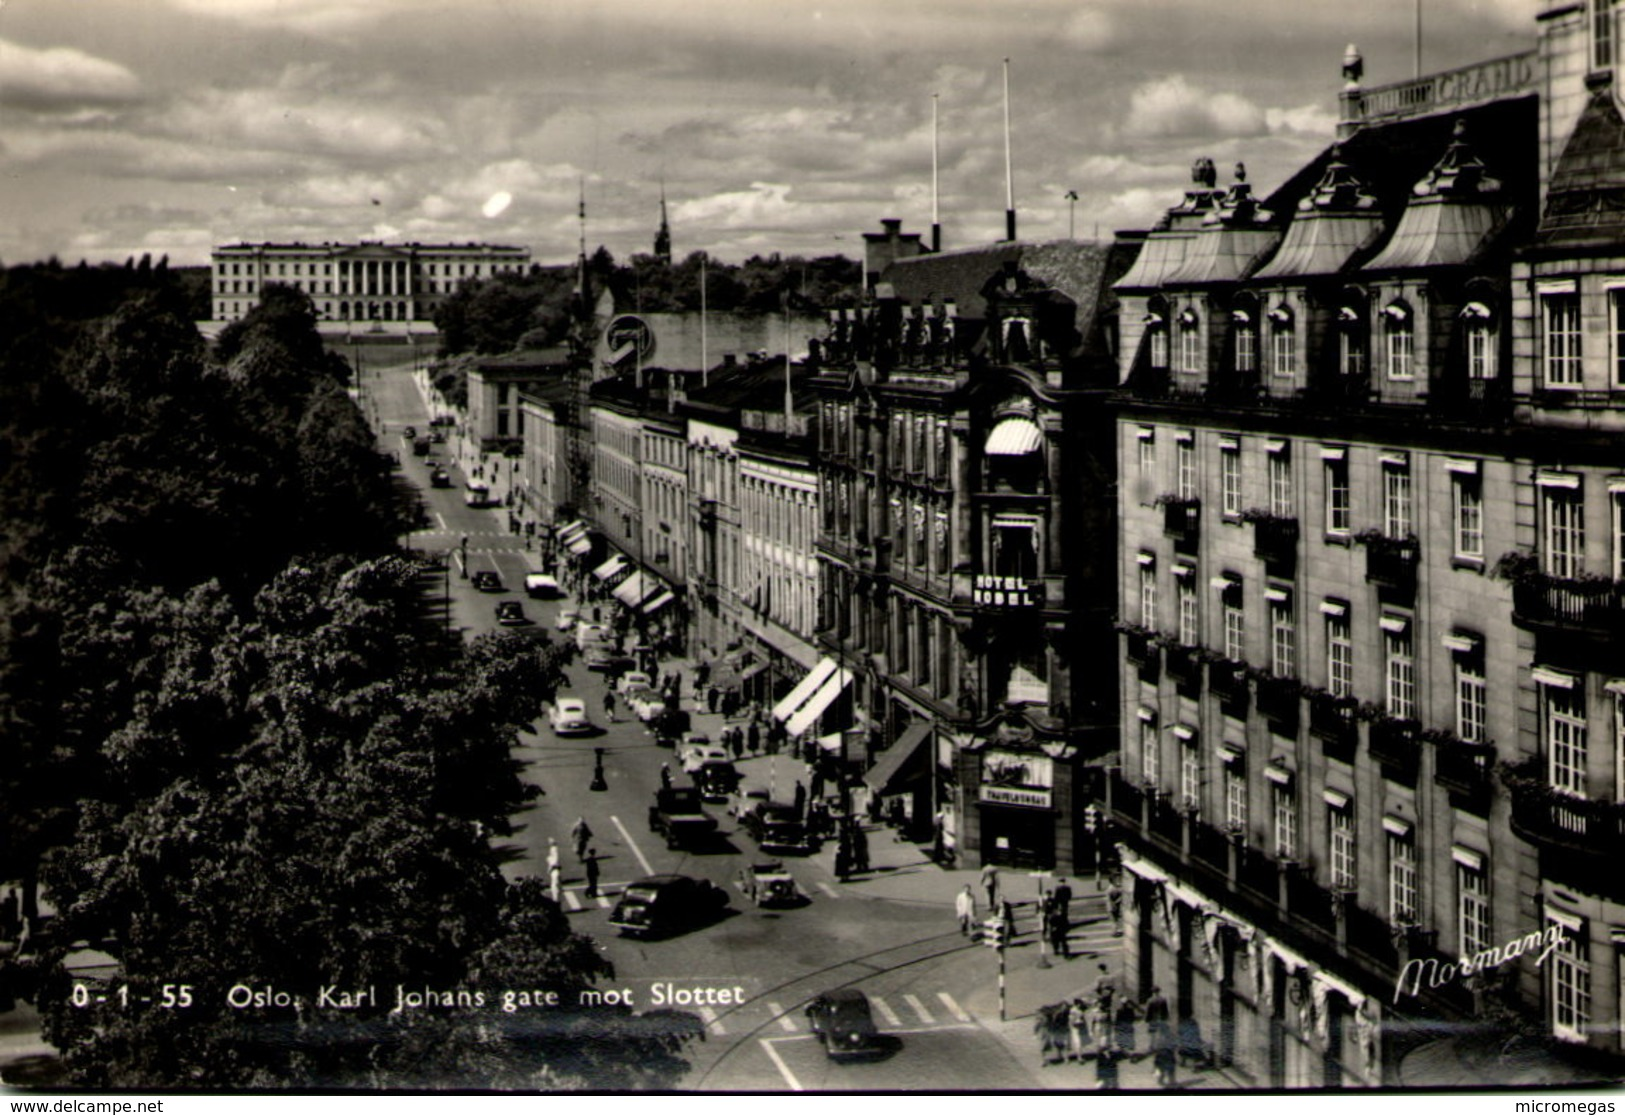 OSLO - Karl Johans Gate Mot Slottet - Norvège